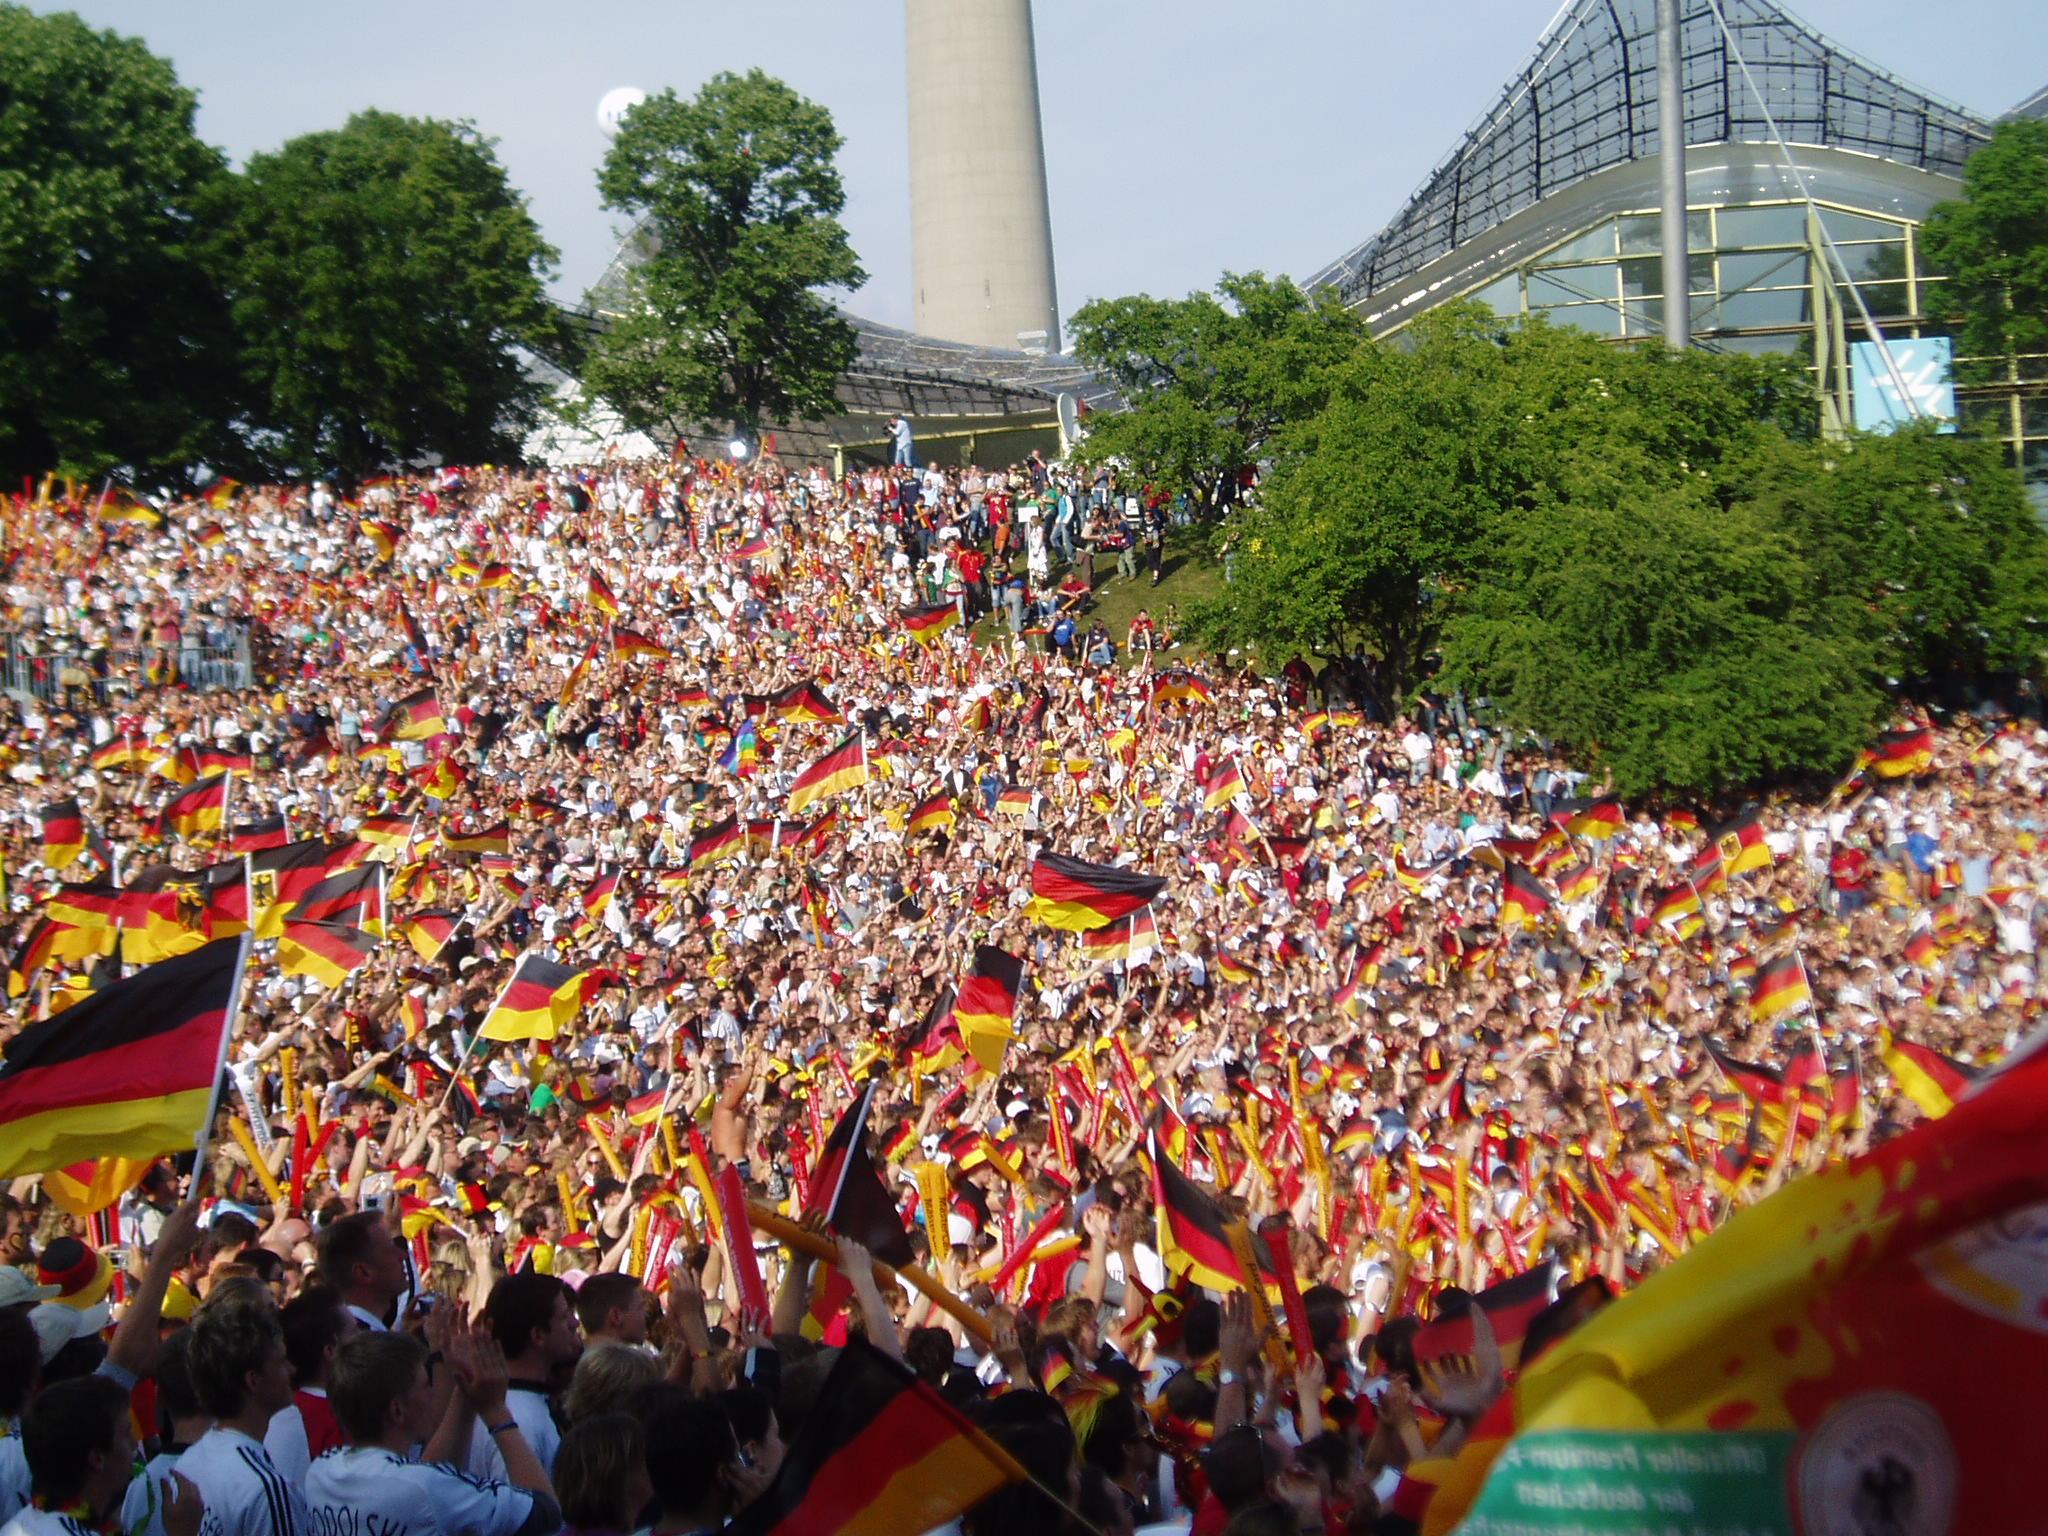 Public Viewing: Fans im Olympiapark München beim Spiel Deutschland - Costa Rica, Quelle: Wikipedia